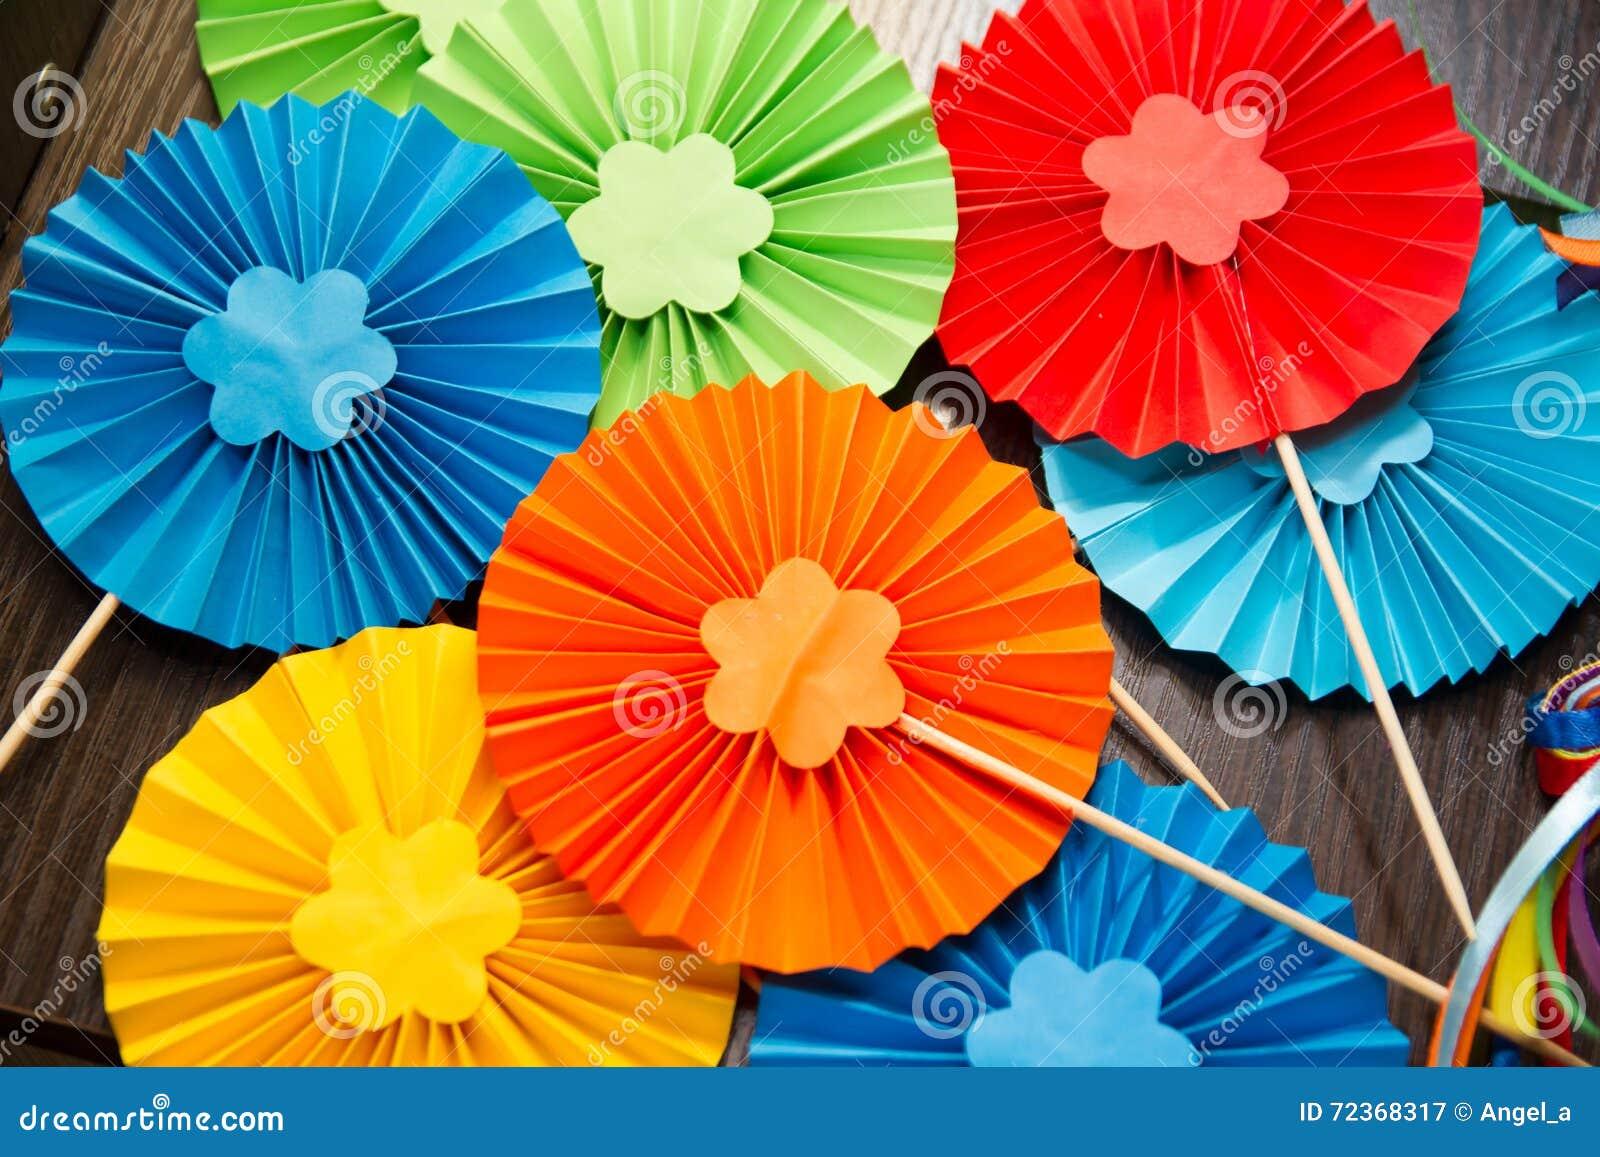 Decoracion arcoiris papel - Decorar con papel ...